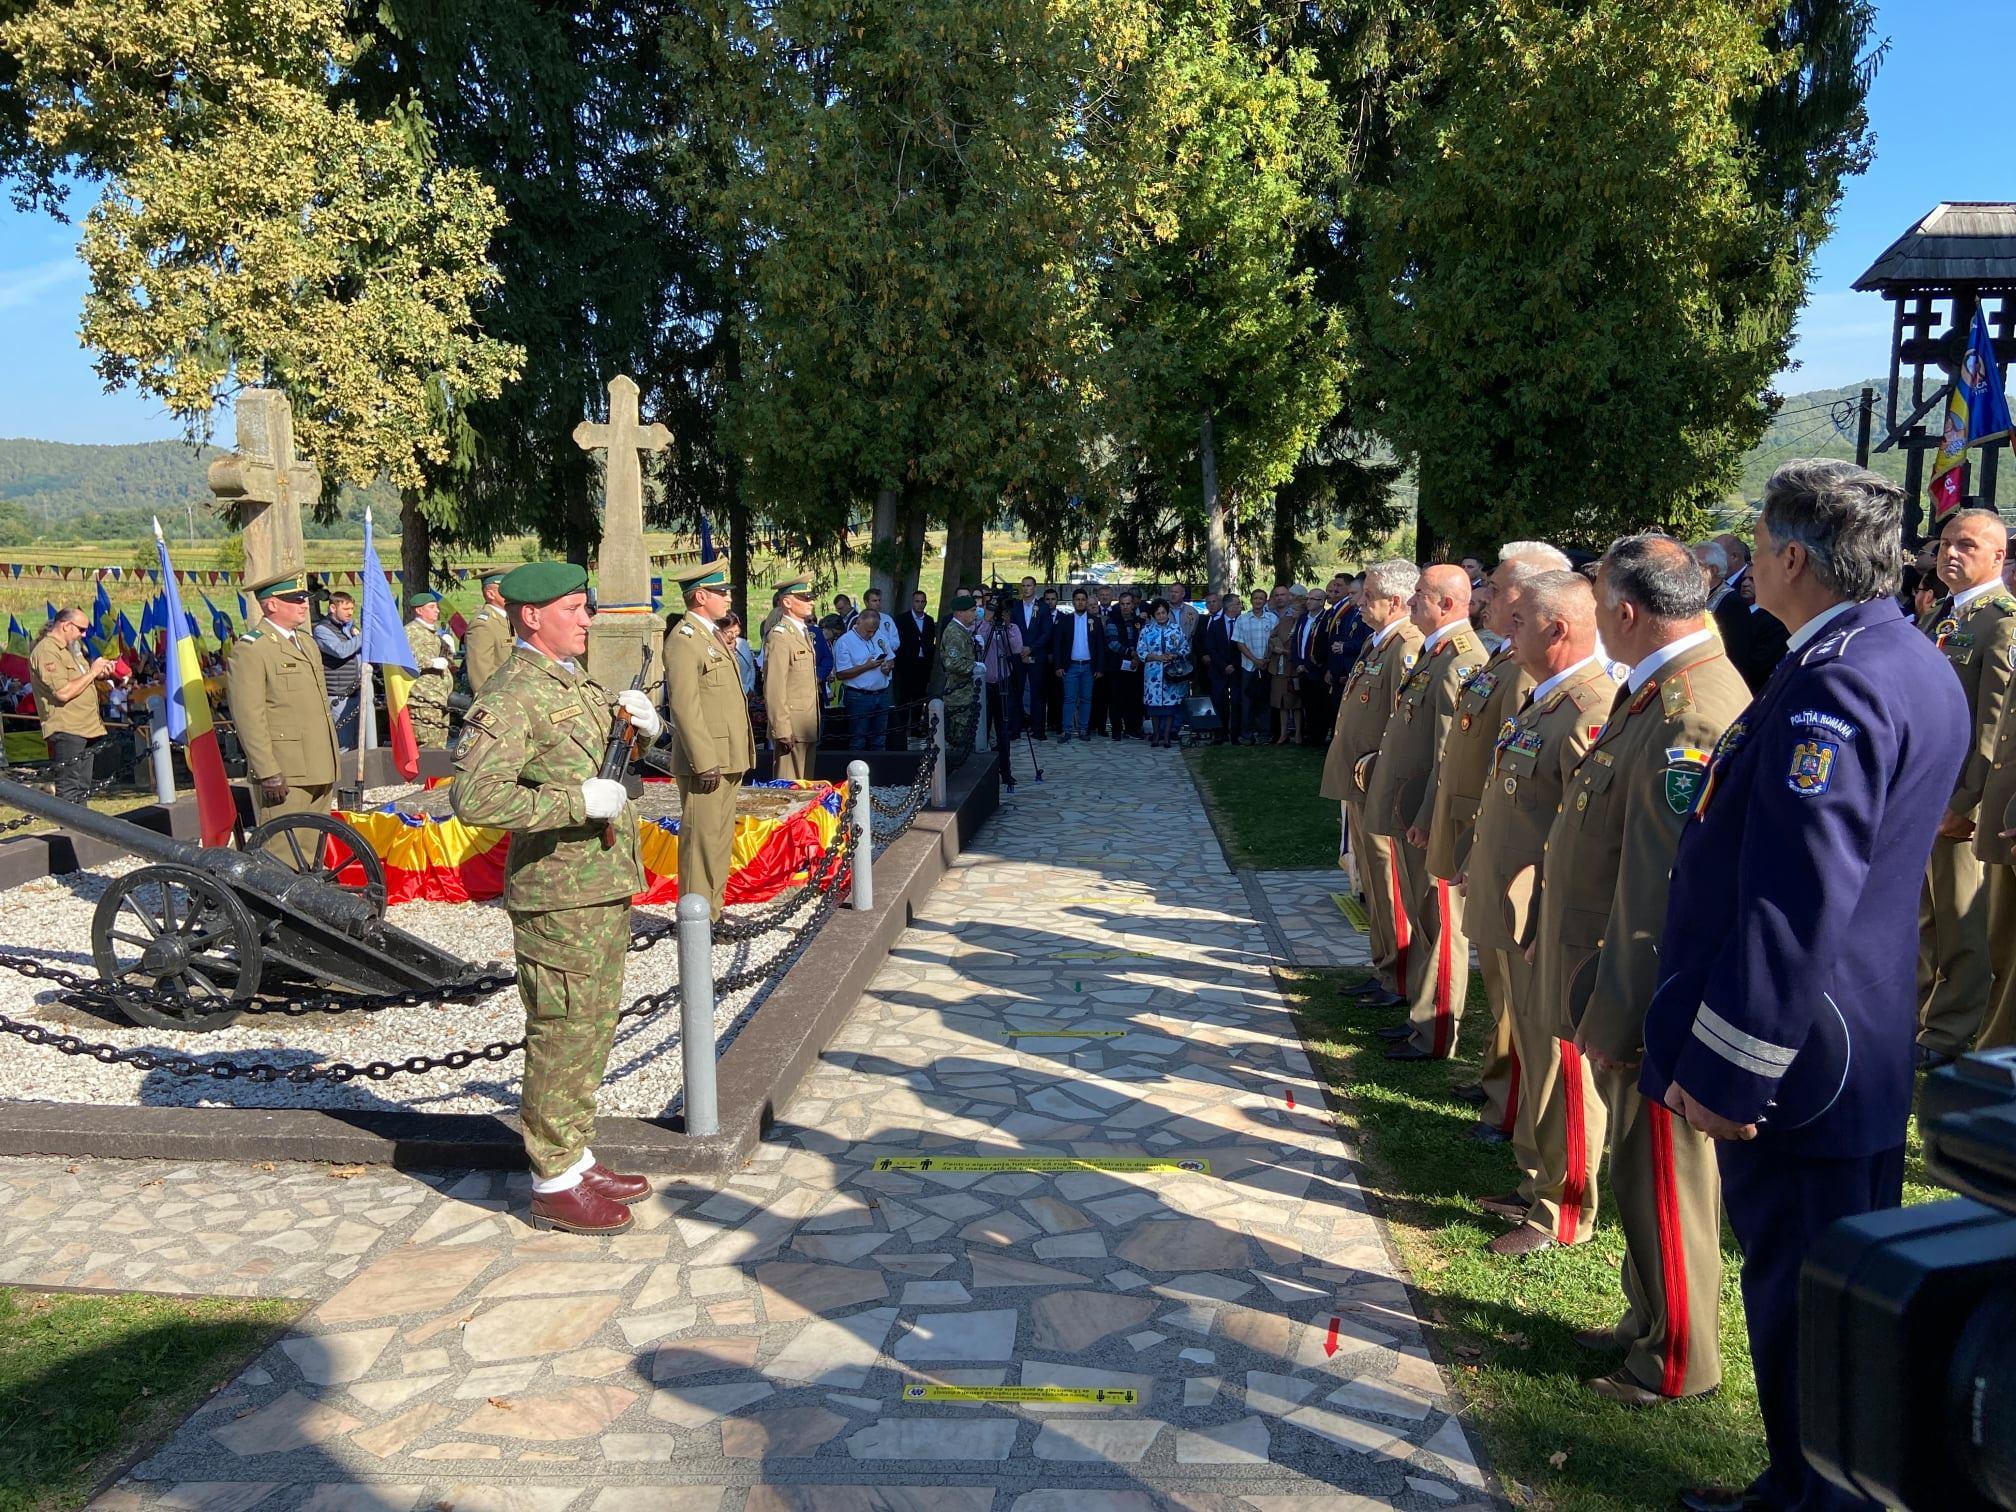 FOTO: Serbările Naționale de la Țebea s-au desfășurat, pentru al doilea an consecutiv, în condiții deosebite, de pandemie